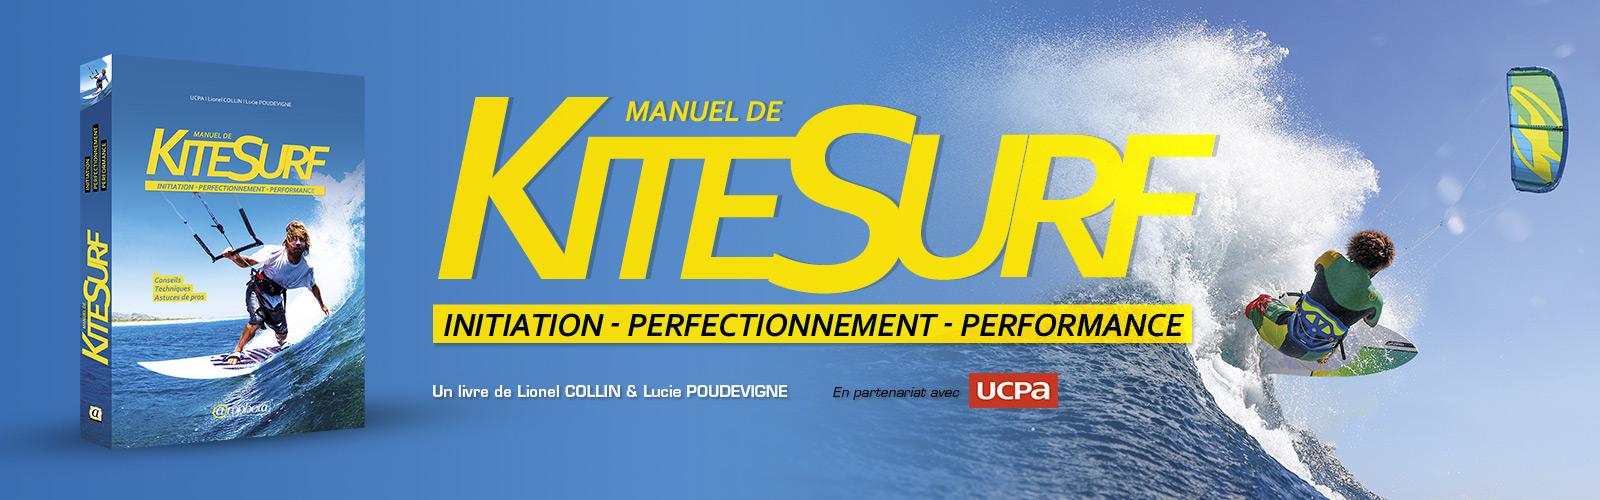 slide_kitesurf